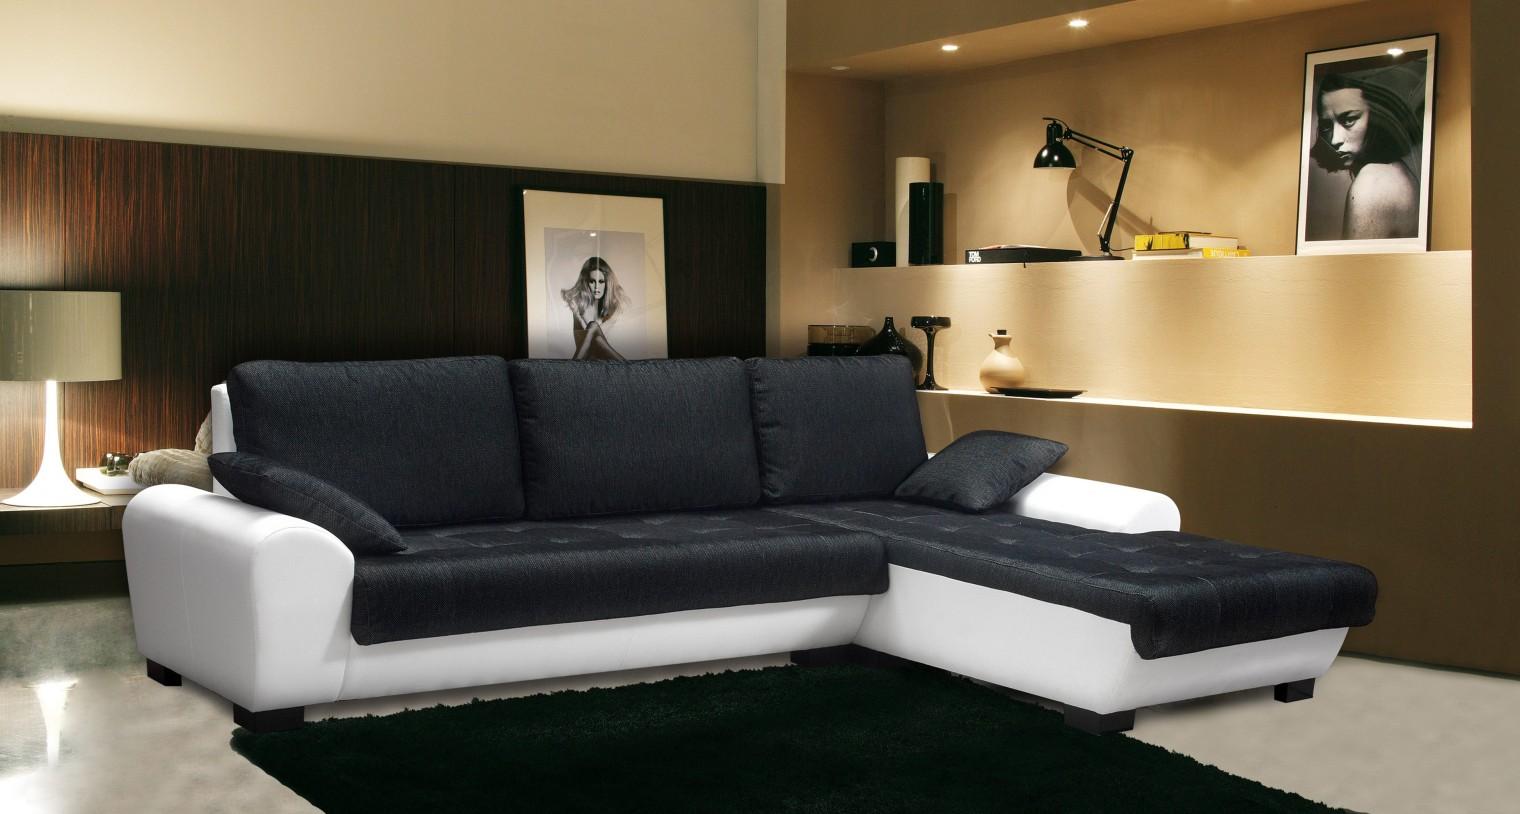 Bazar sedací soupravy Yvette - Pravý roh (savana black pvc white)